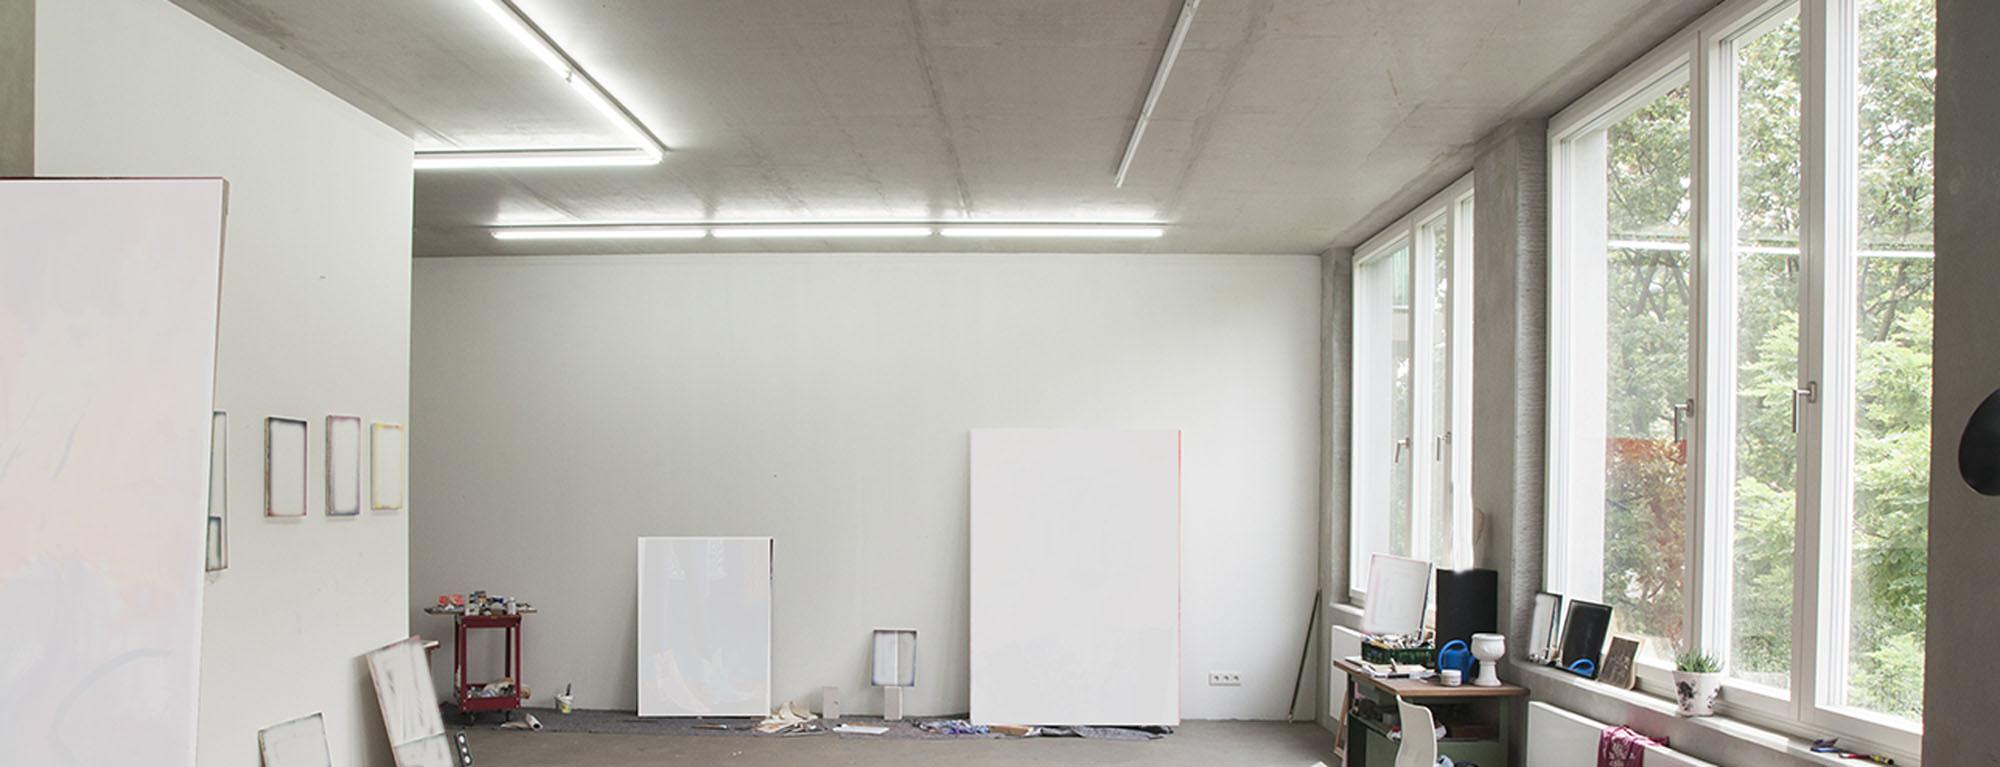 art-in.de/share Ateliers mieten teilen optimal nutzen